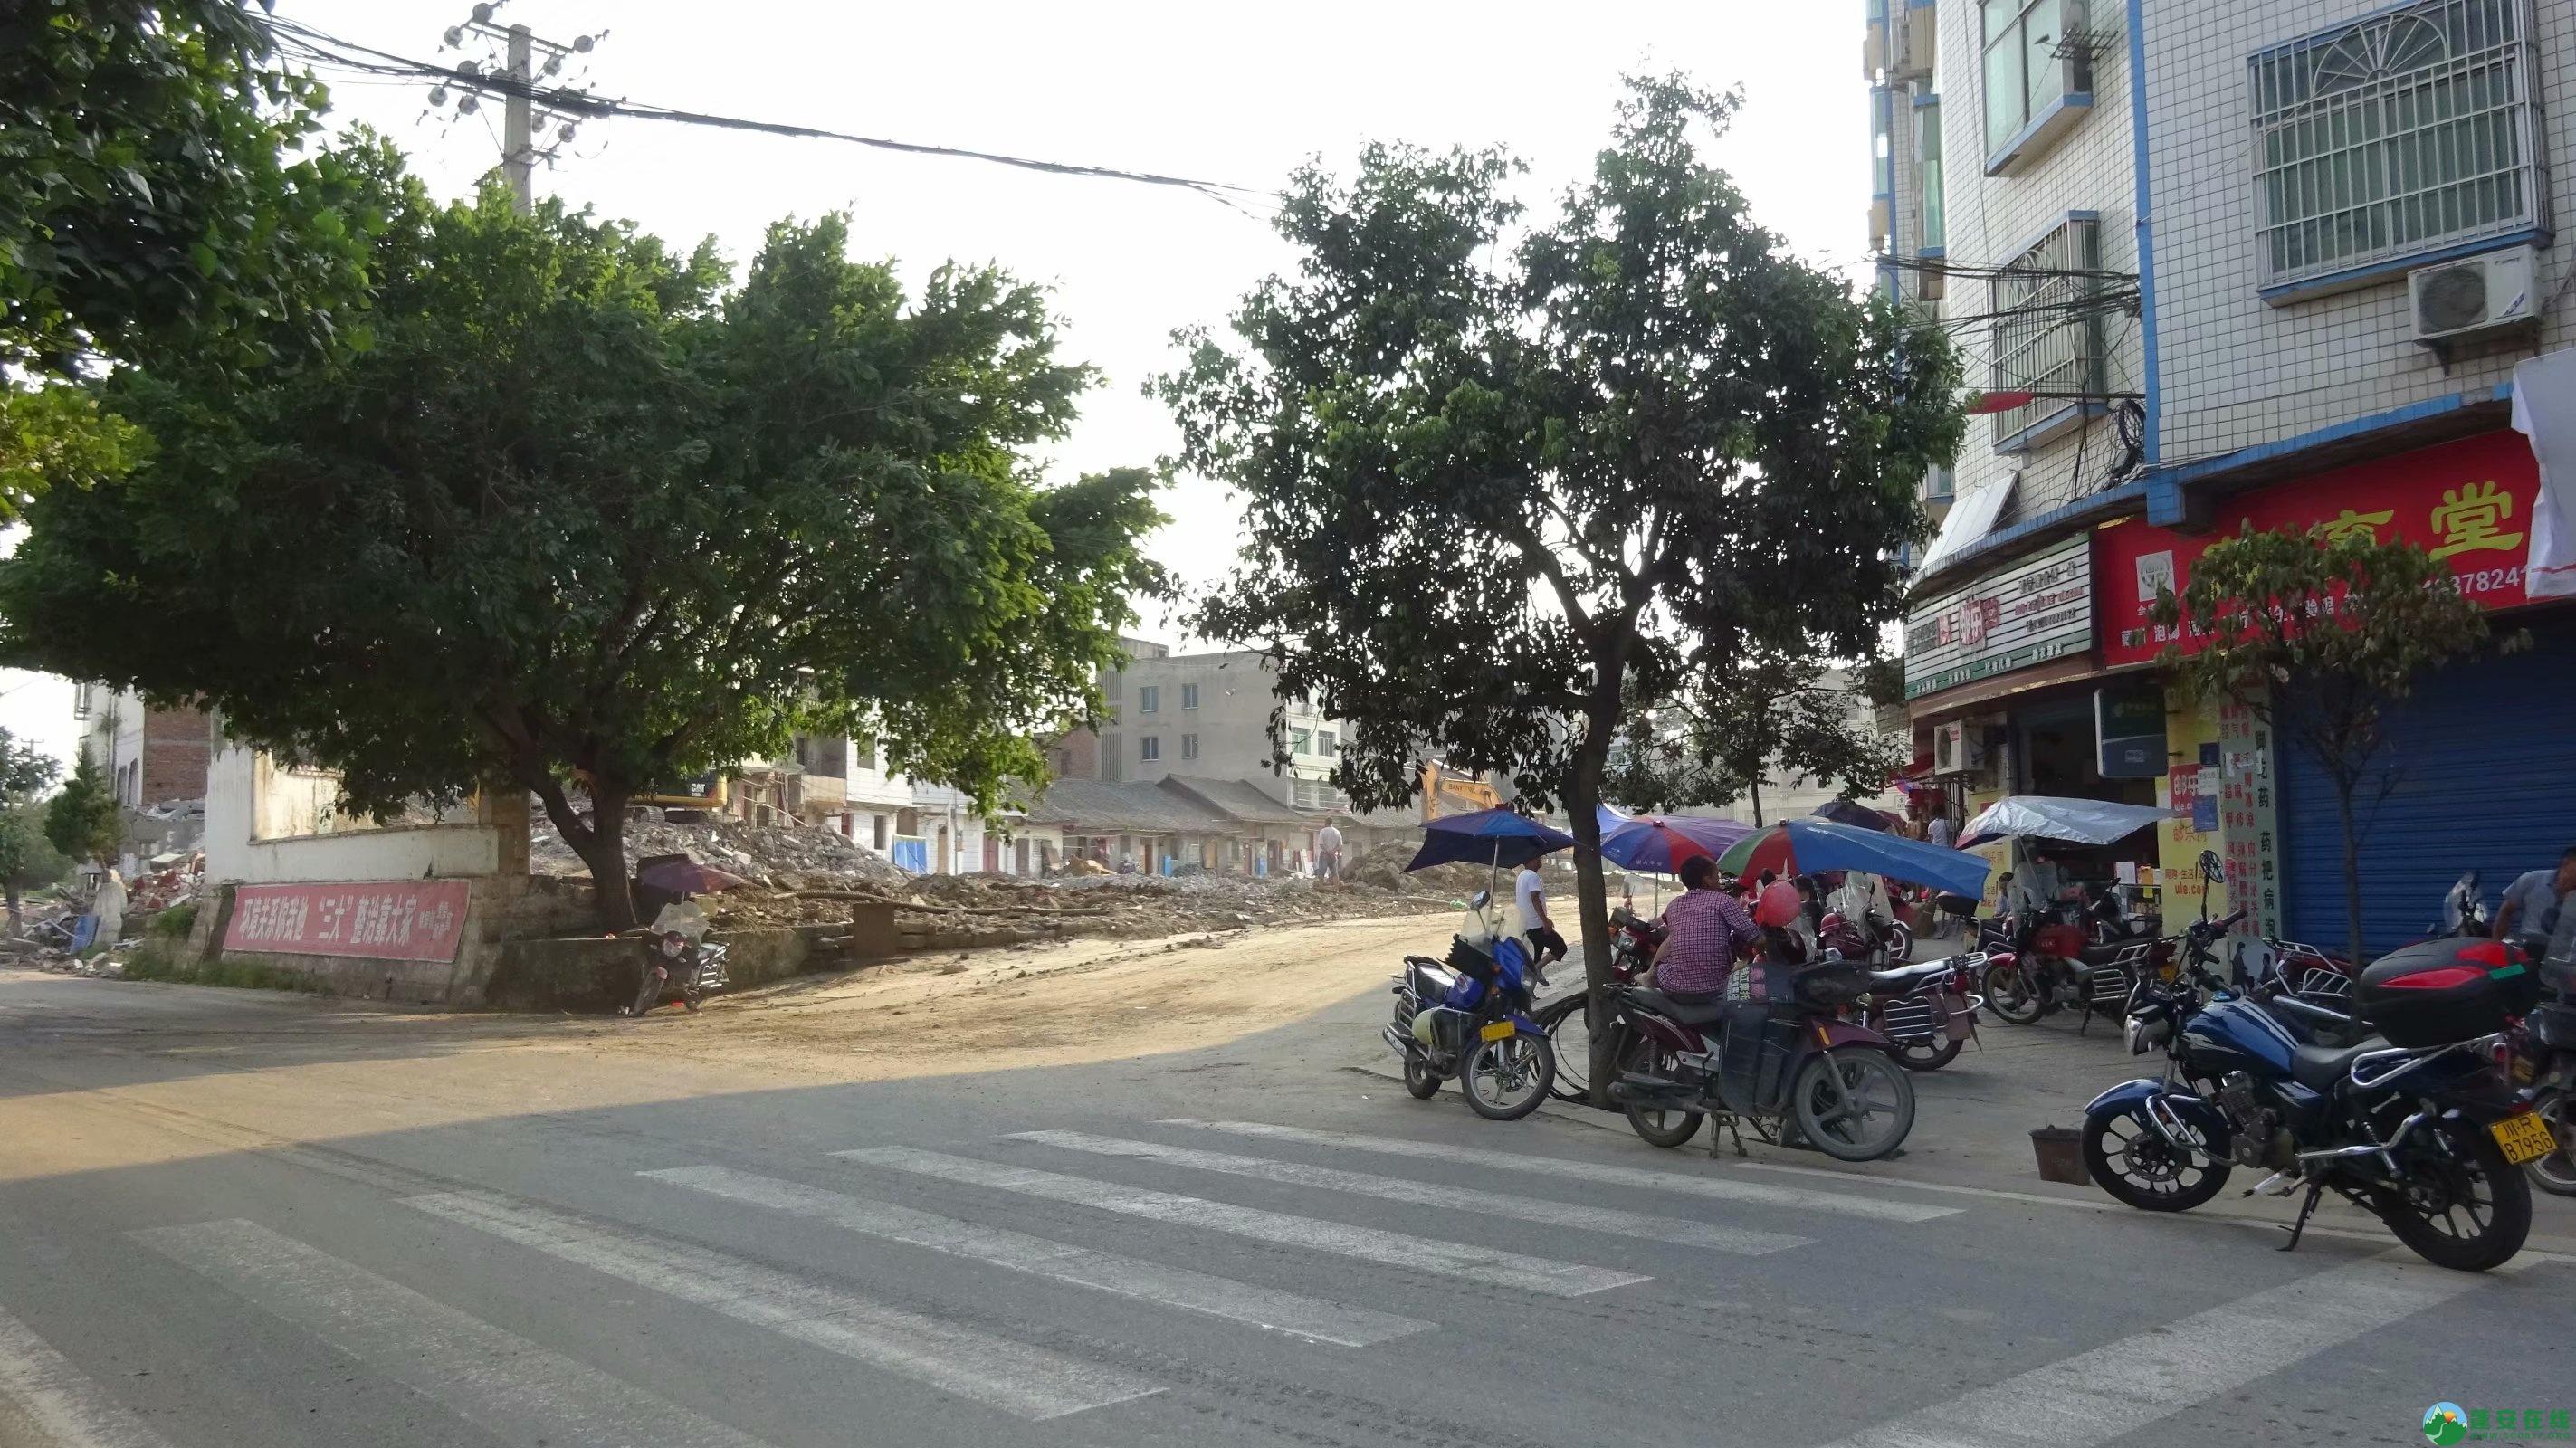 蓬安锦屏相如故城建设迅猛 - 第11张  | 蓬安在线